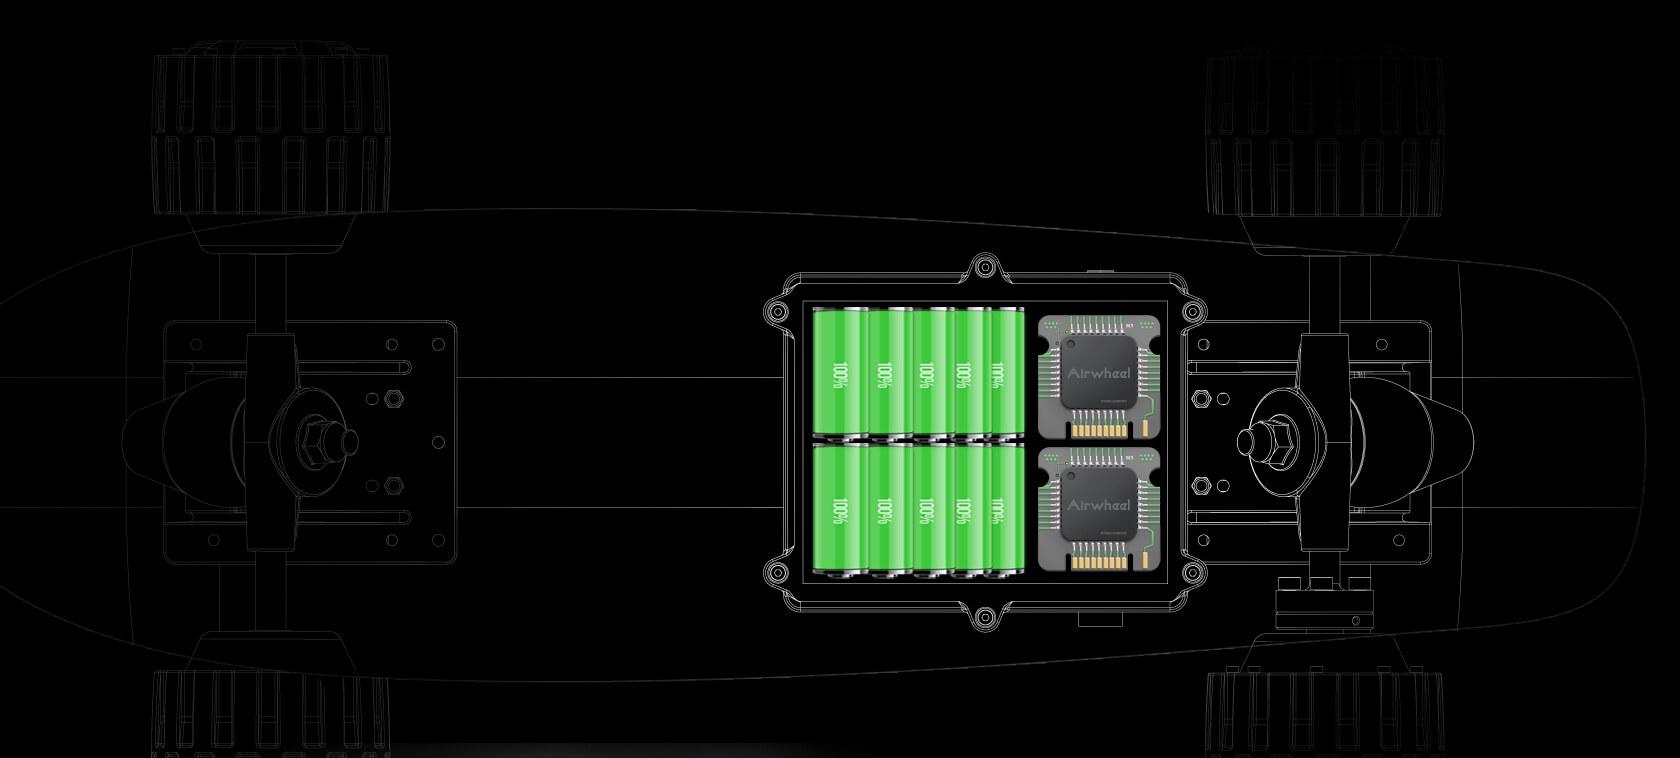 Airwheel Batteries